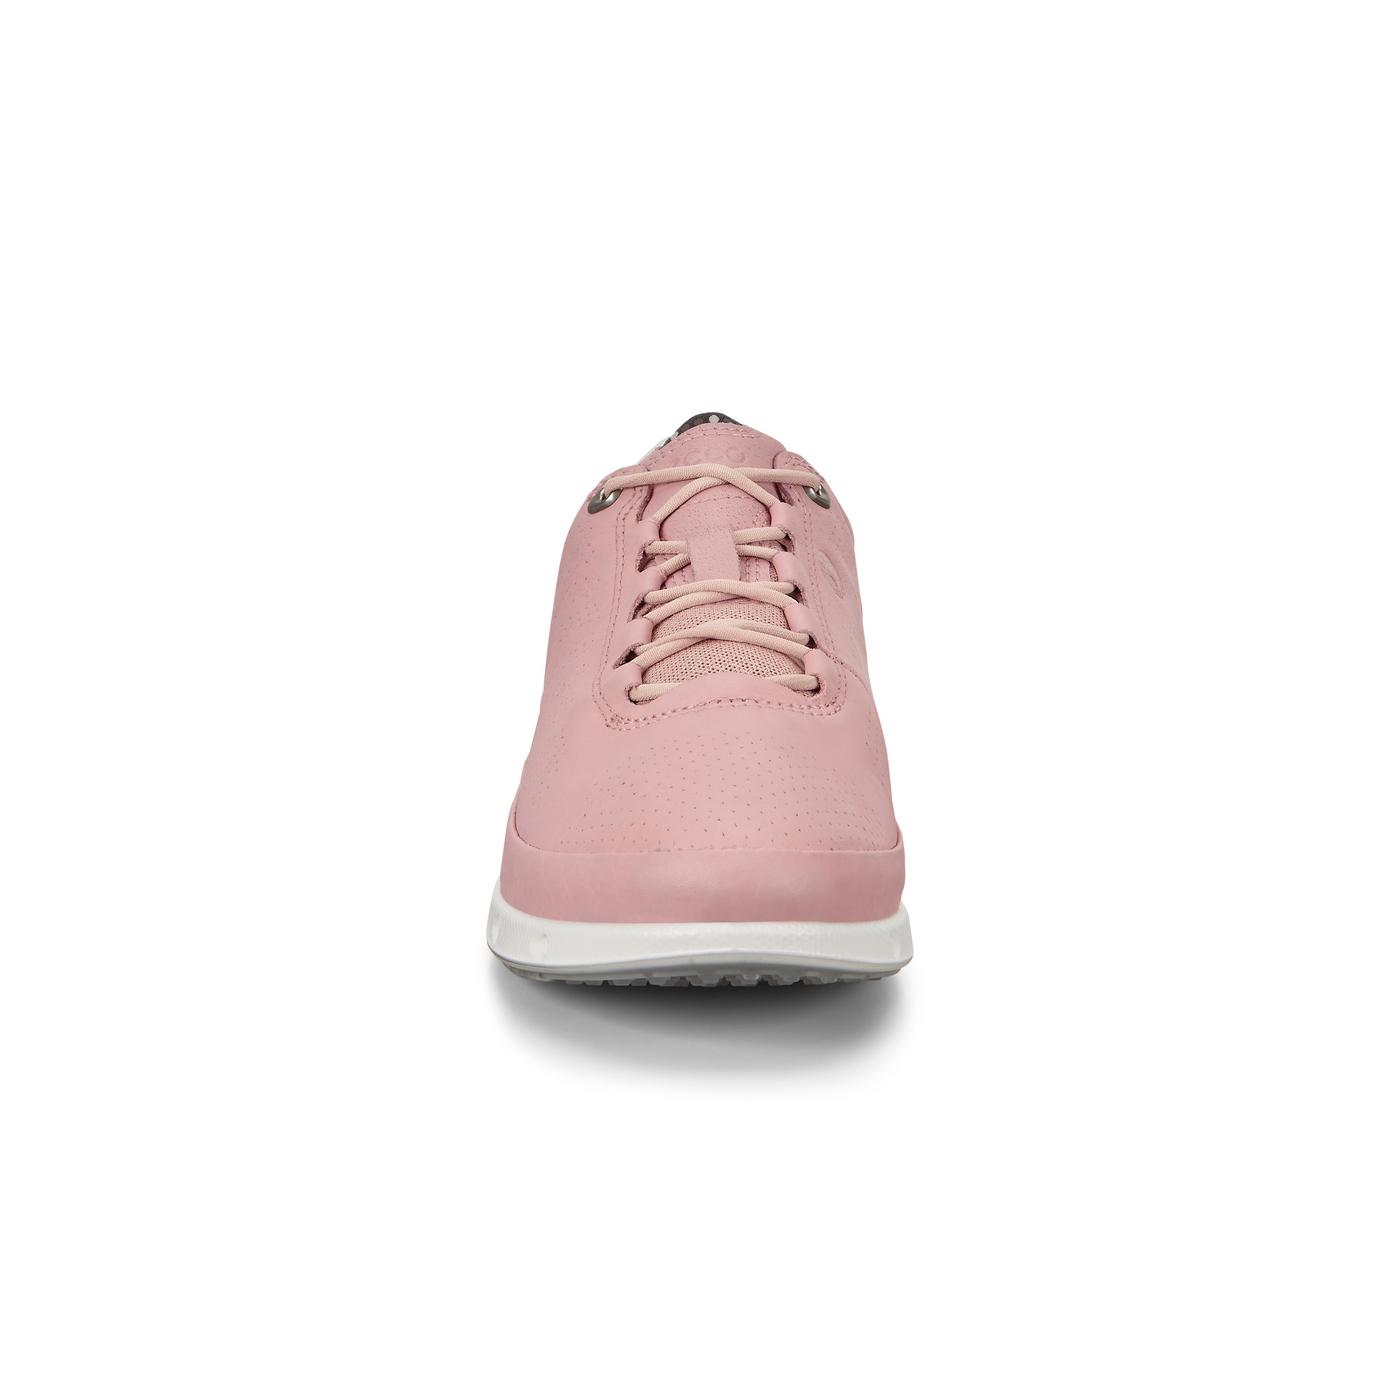 ECCO COOL GTX Women's Shoe